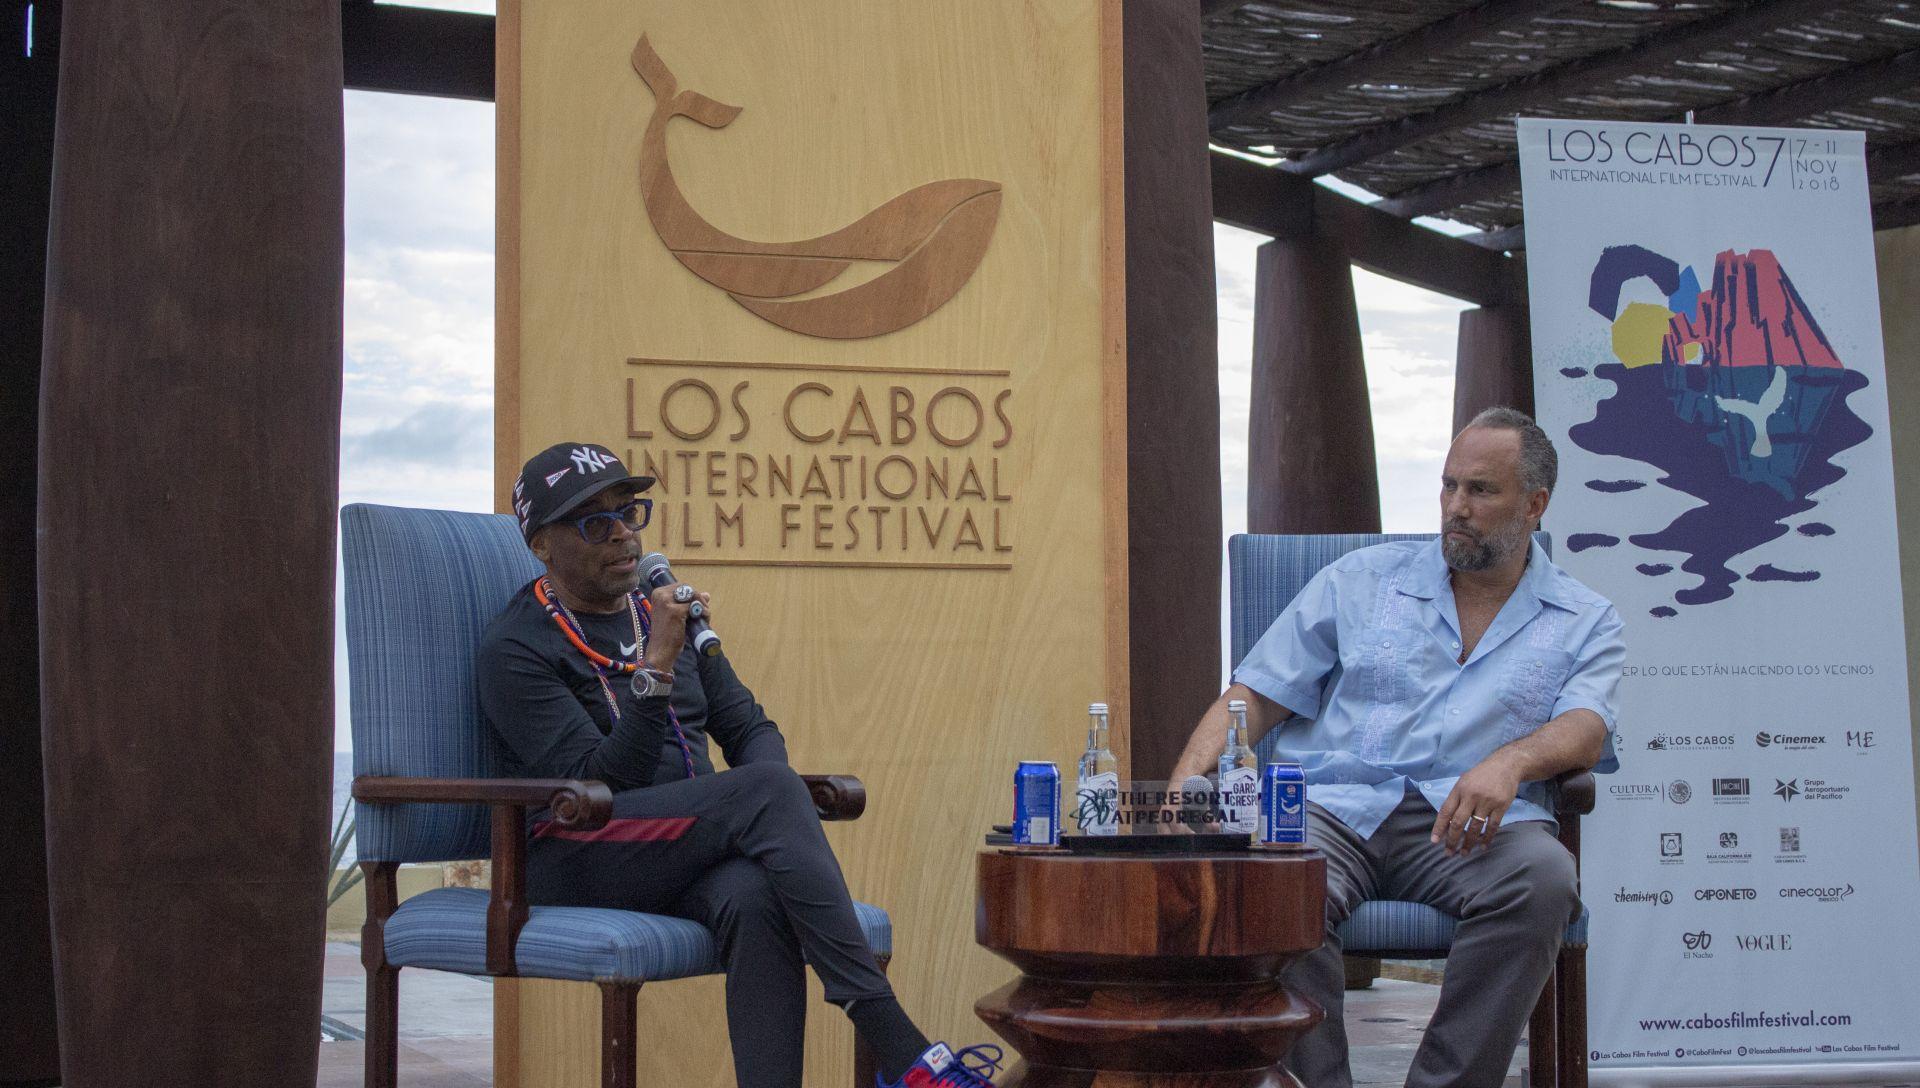 Los_Cabos_Film_Festival_61